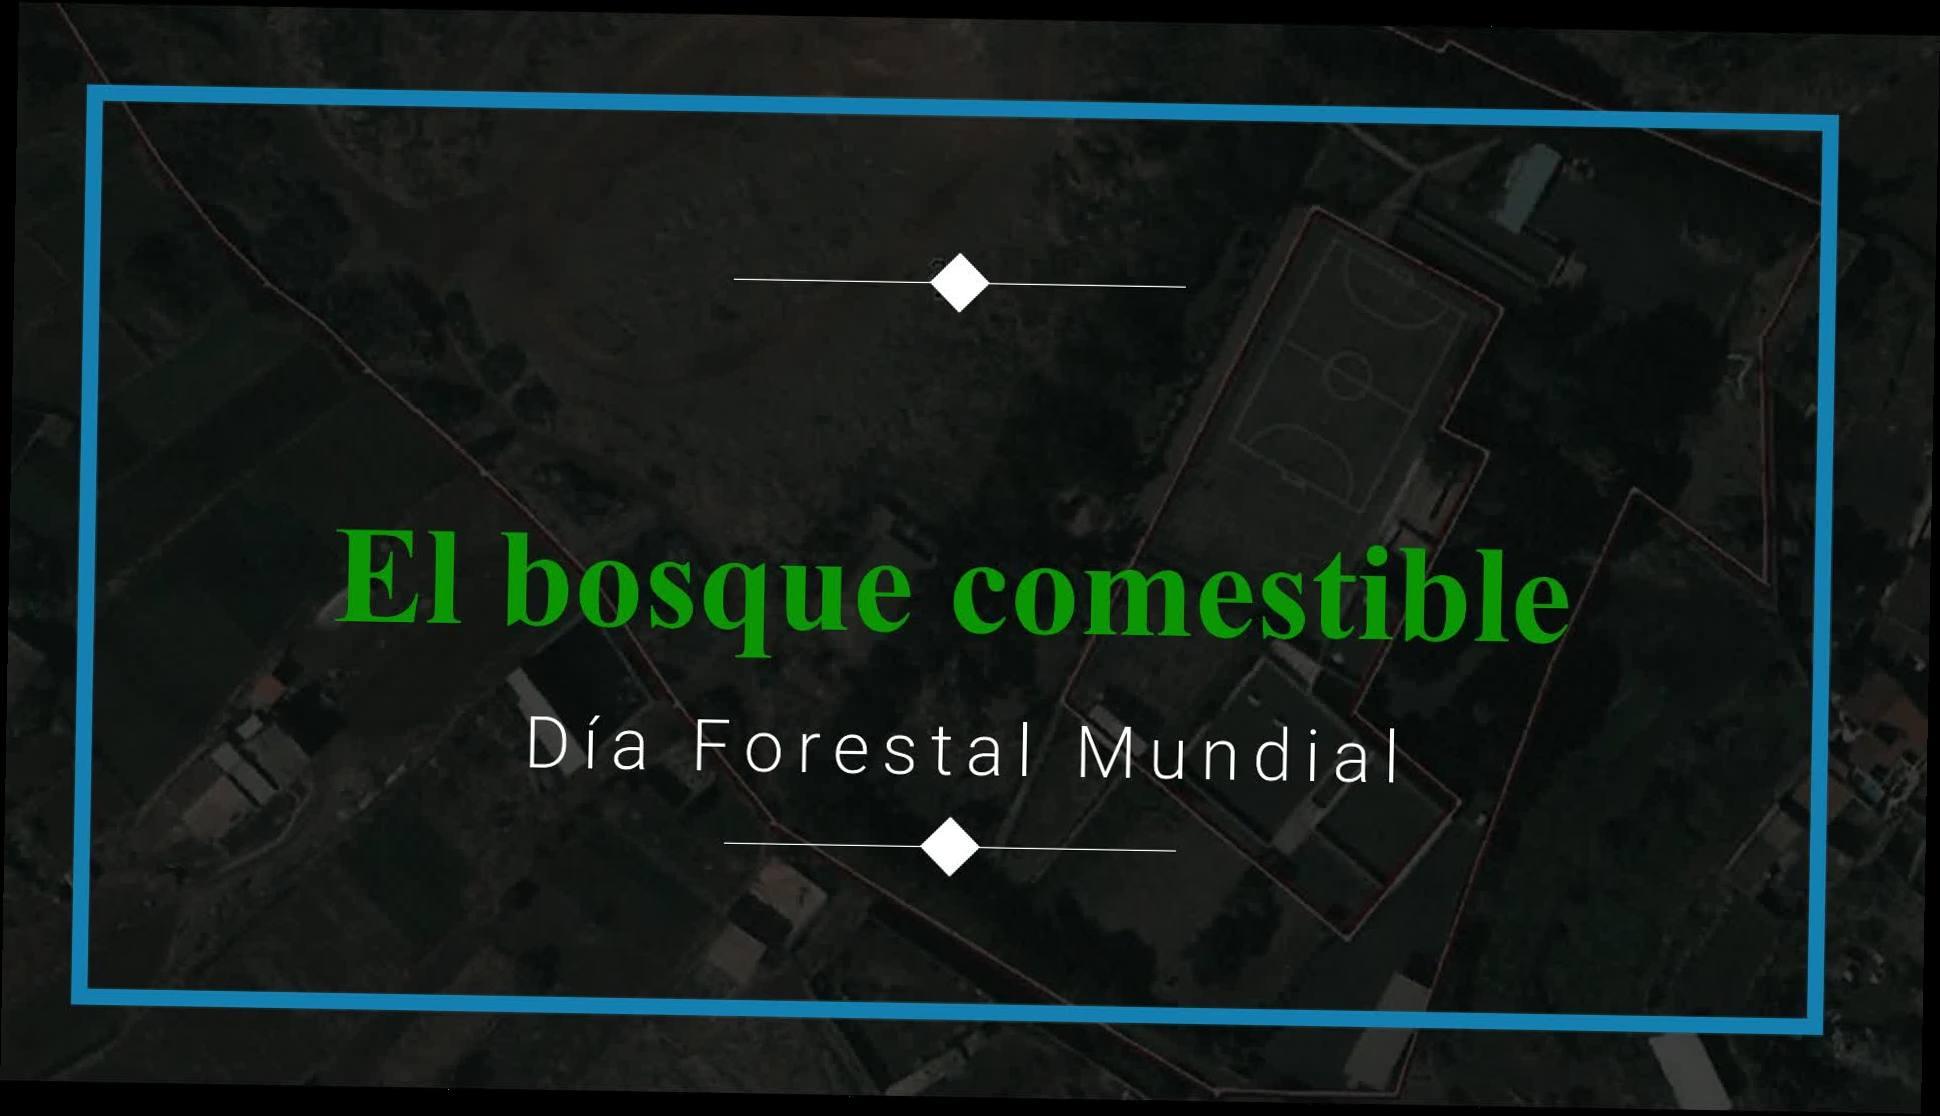 CONSTRUYENDO UN BOSQUE Y SUMIDERO DE CARBONO: Proyectos y Servicios de Asociación Domitila }}